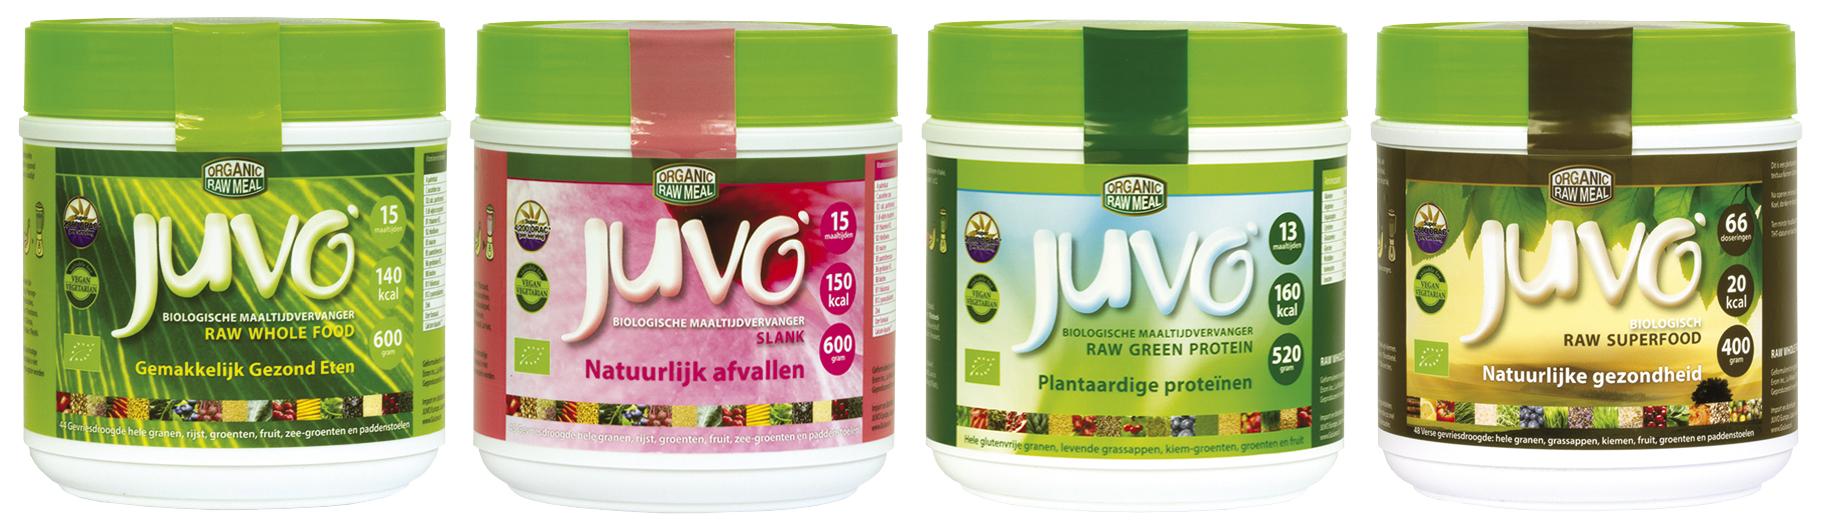 afbeelding juvo original juvo slim juvo protein juvo superfood